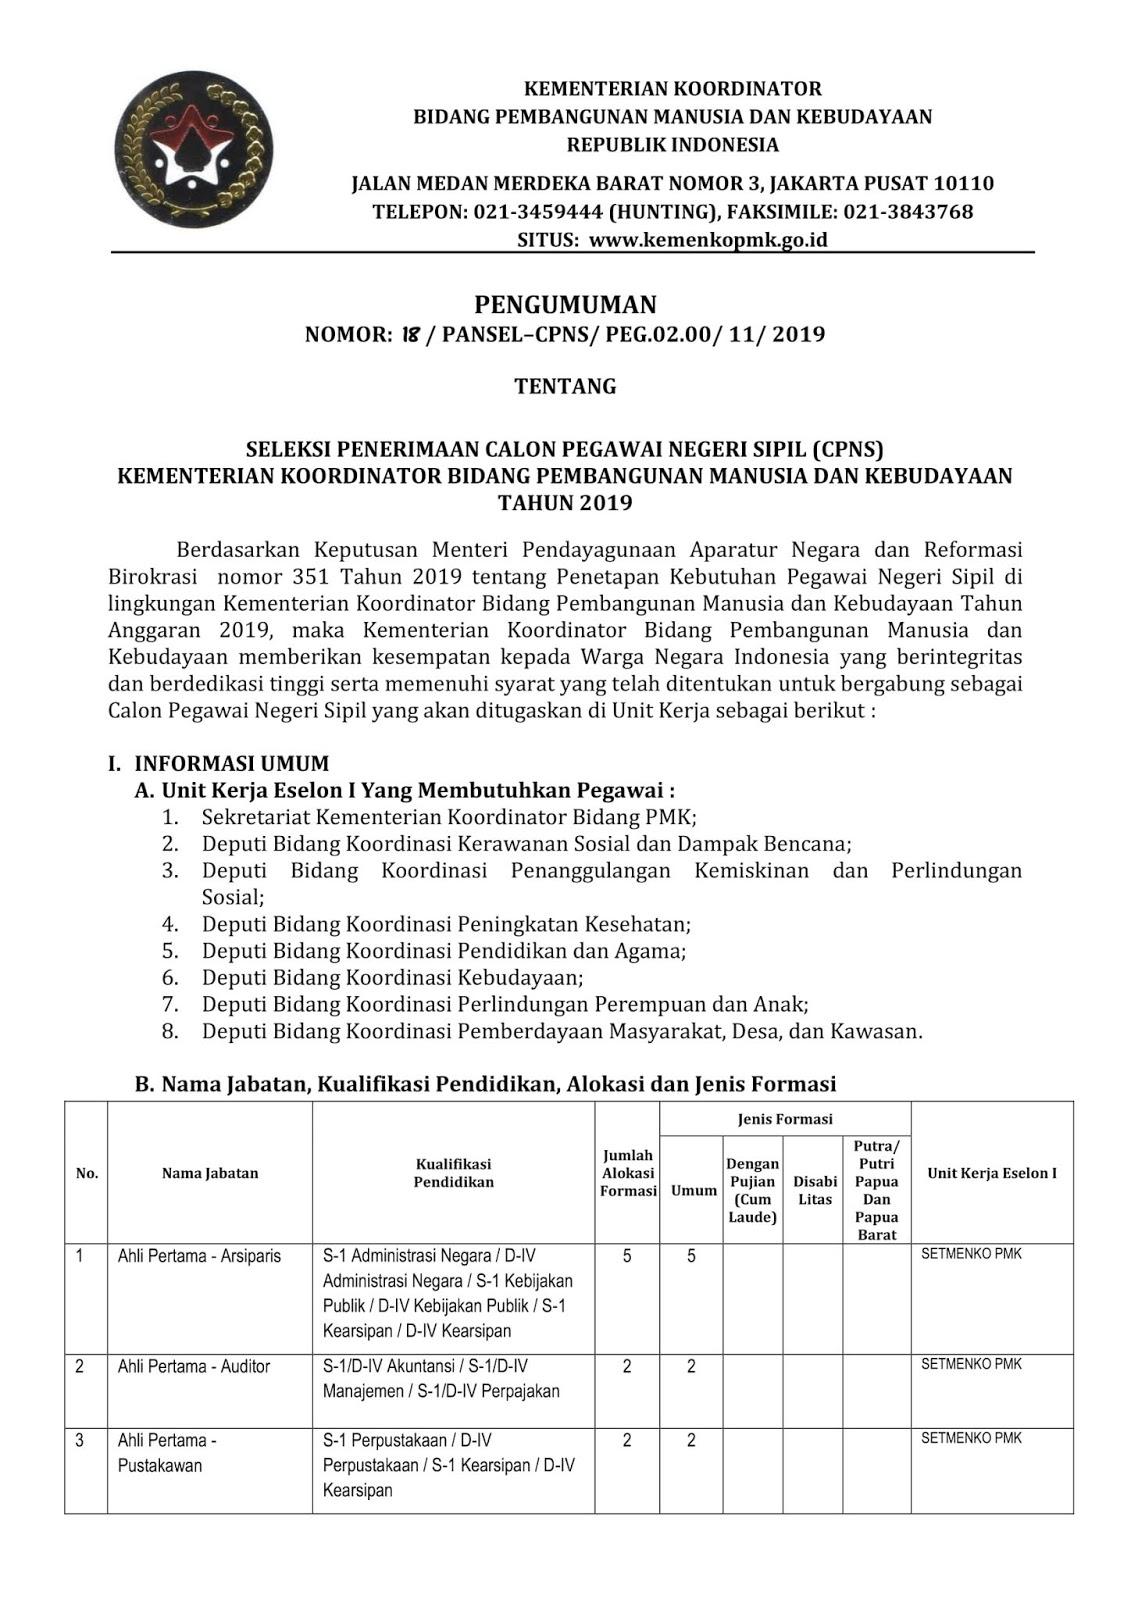 Lowongan CPNS KEMENKO PMK (Kementerian Koordinator Bidang Pembangunan Manusia dan Kebudayaan) Tahun Anggaran 2019 [77 Formasi]